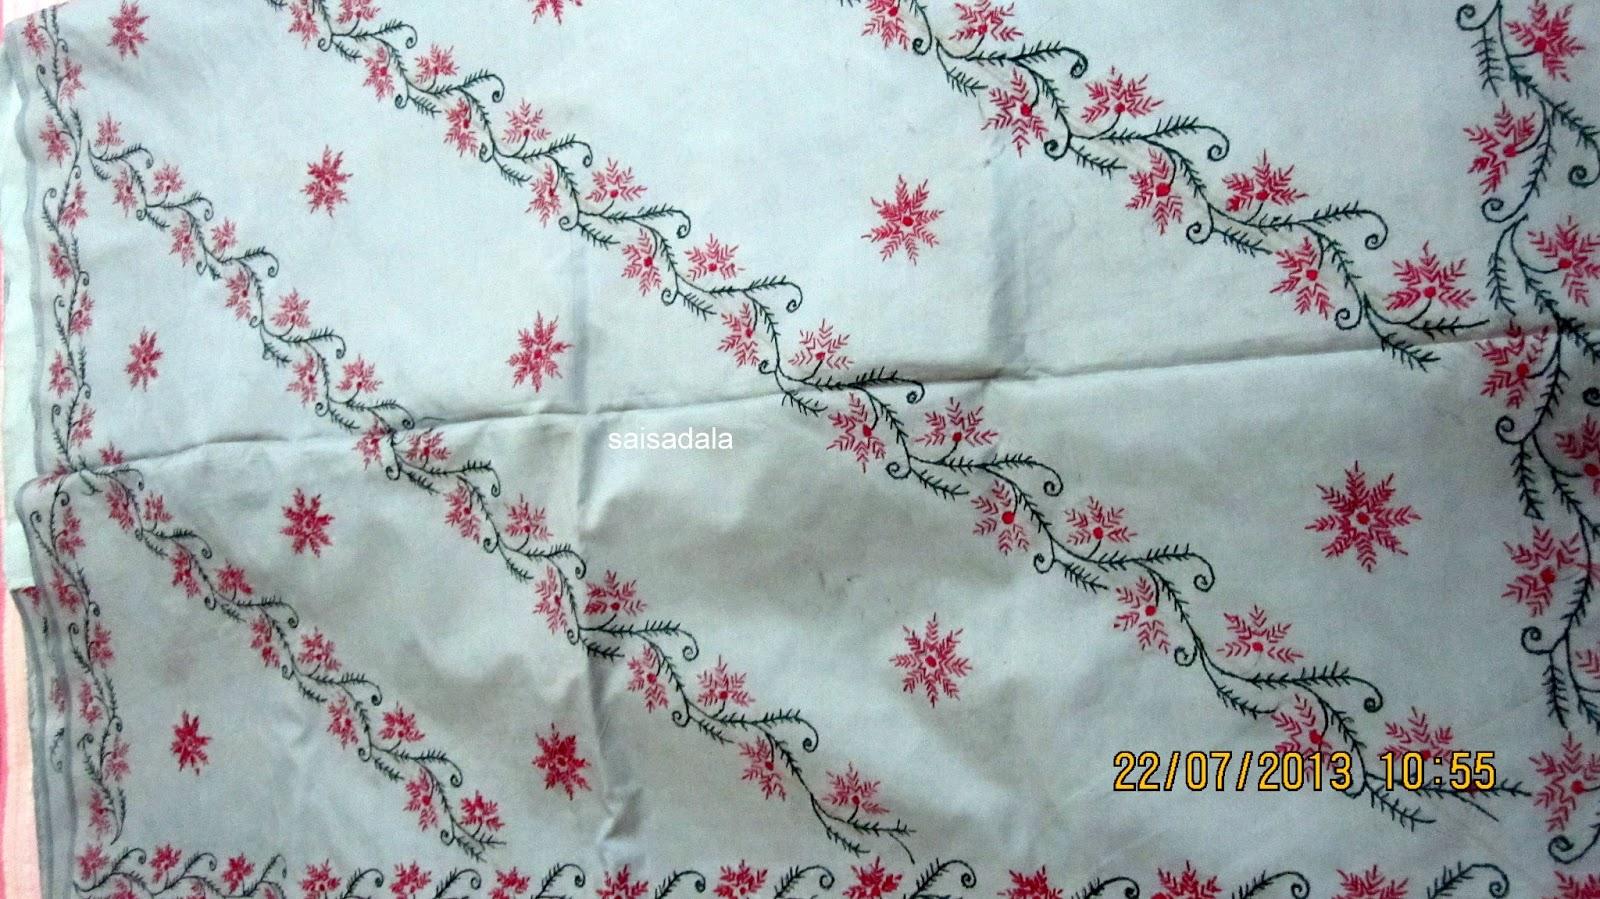 Sadalau0026#39;s Embroidery Kashmir Work